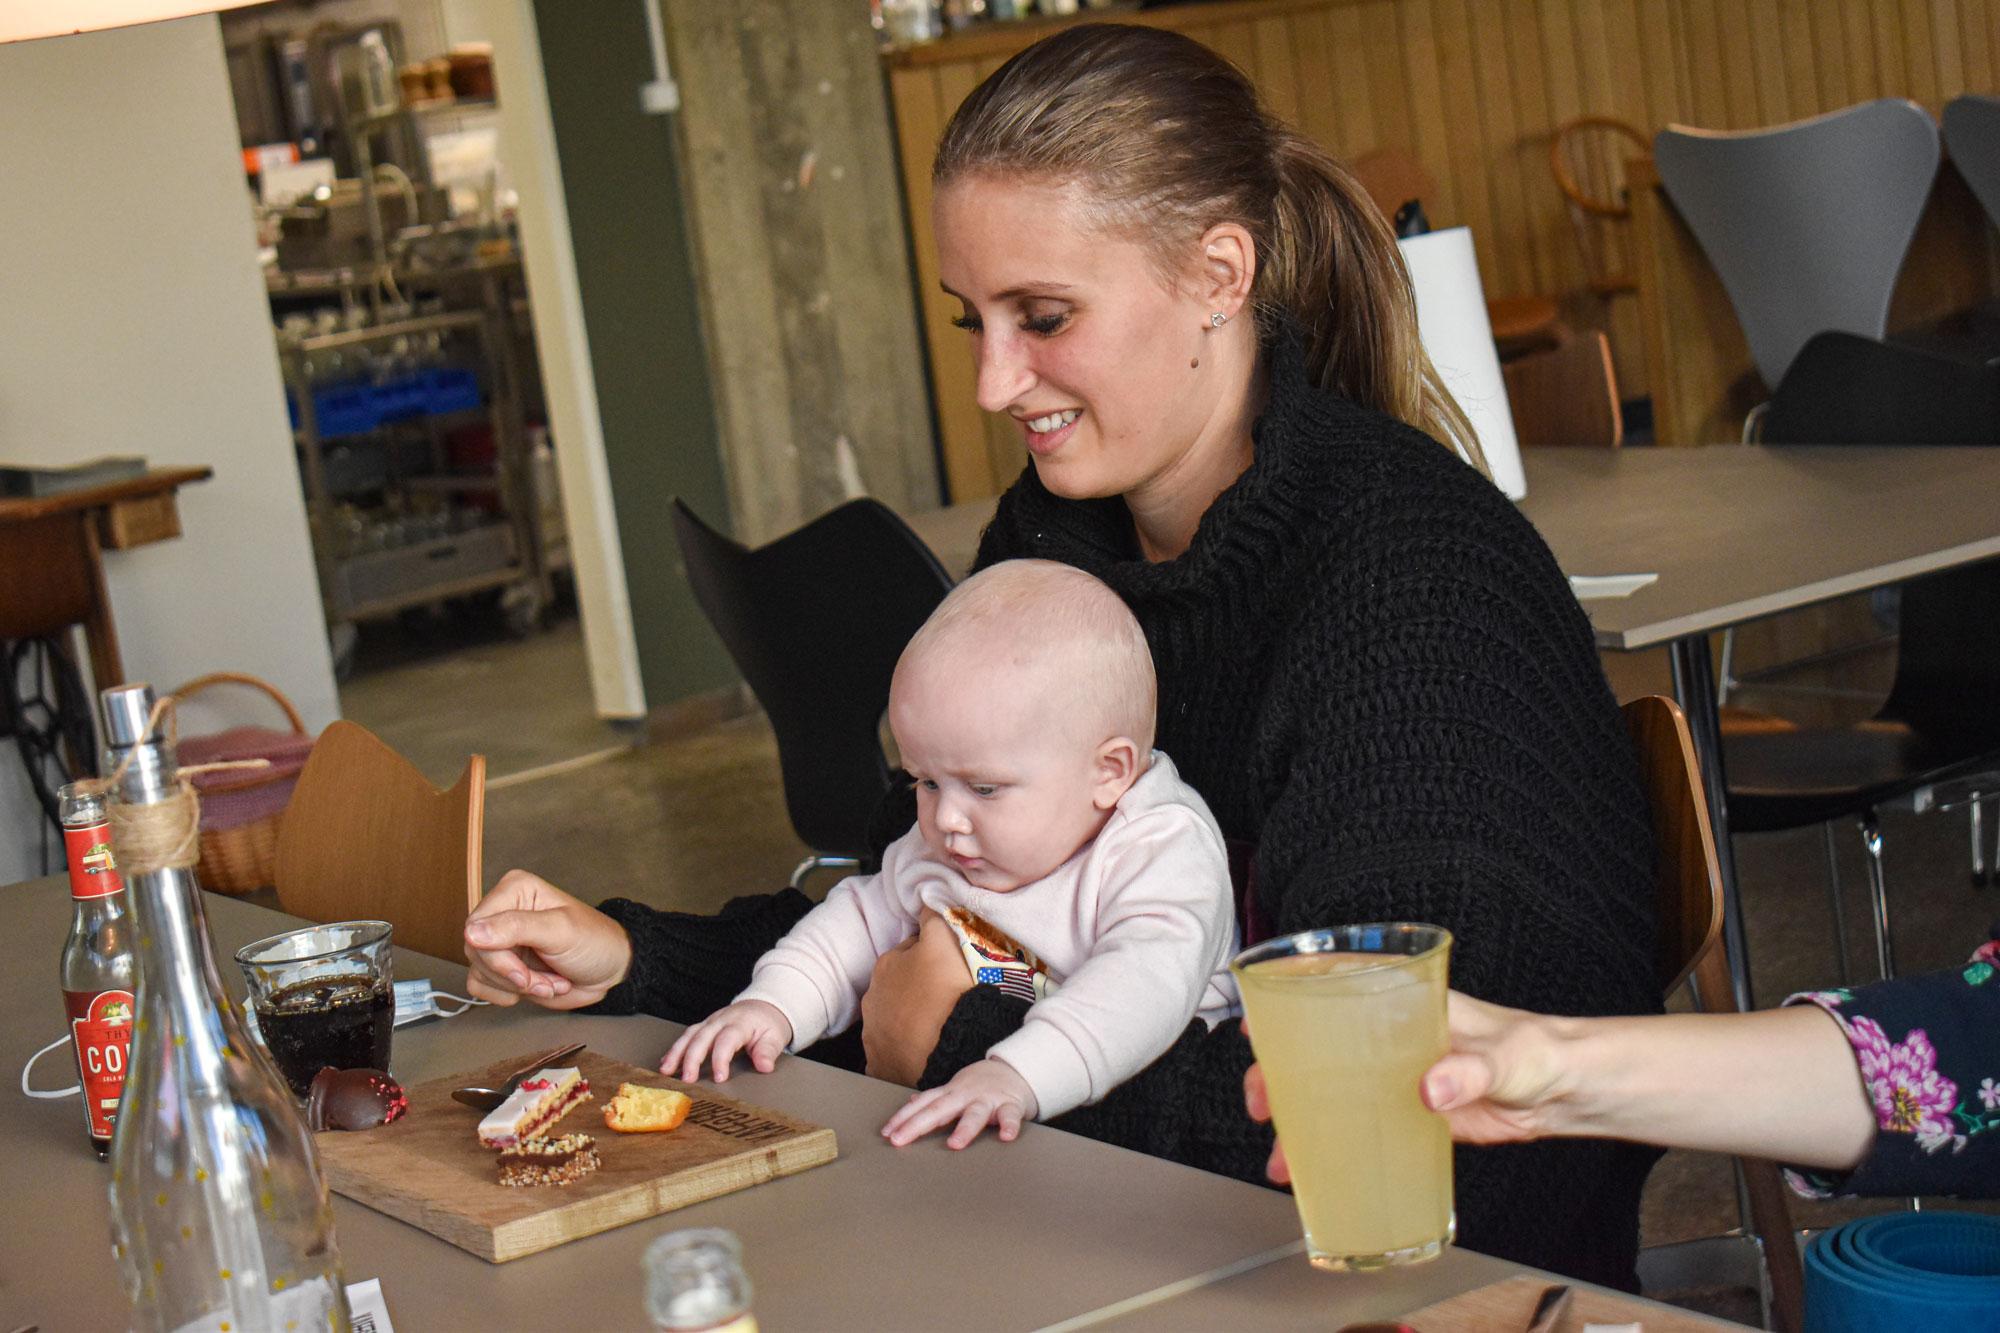 Nybagt mor?: Kom til Stimulerende leg for din baby